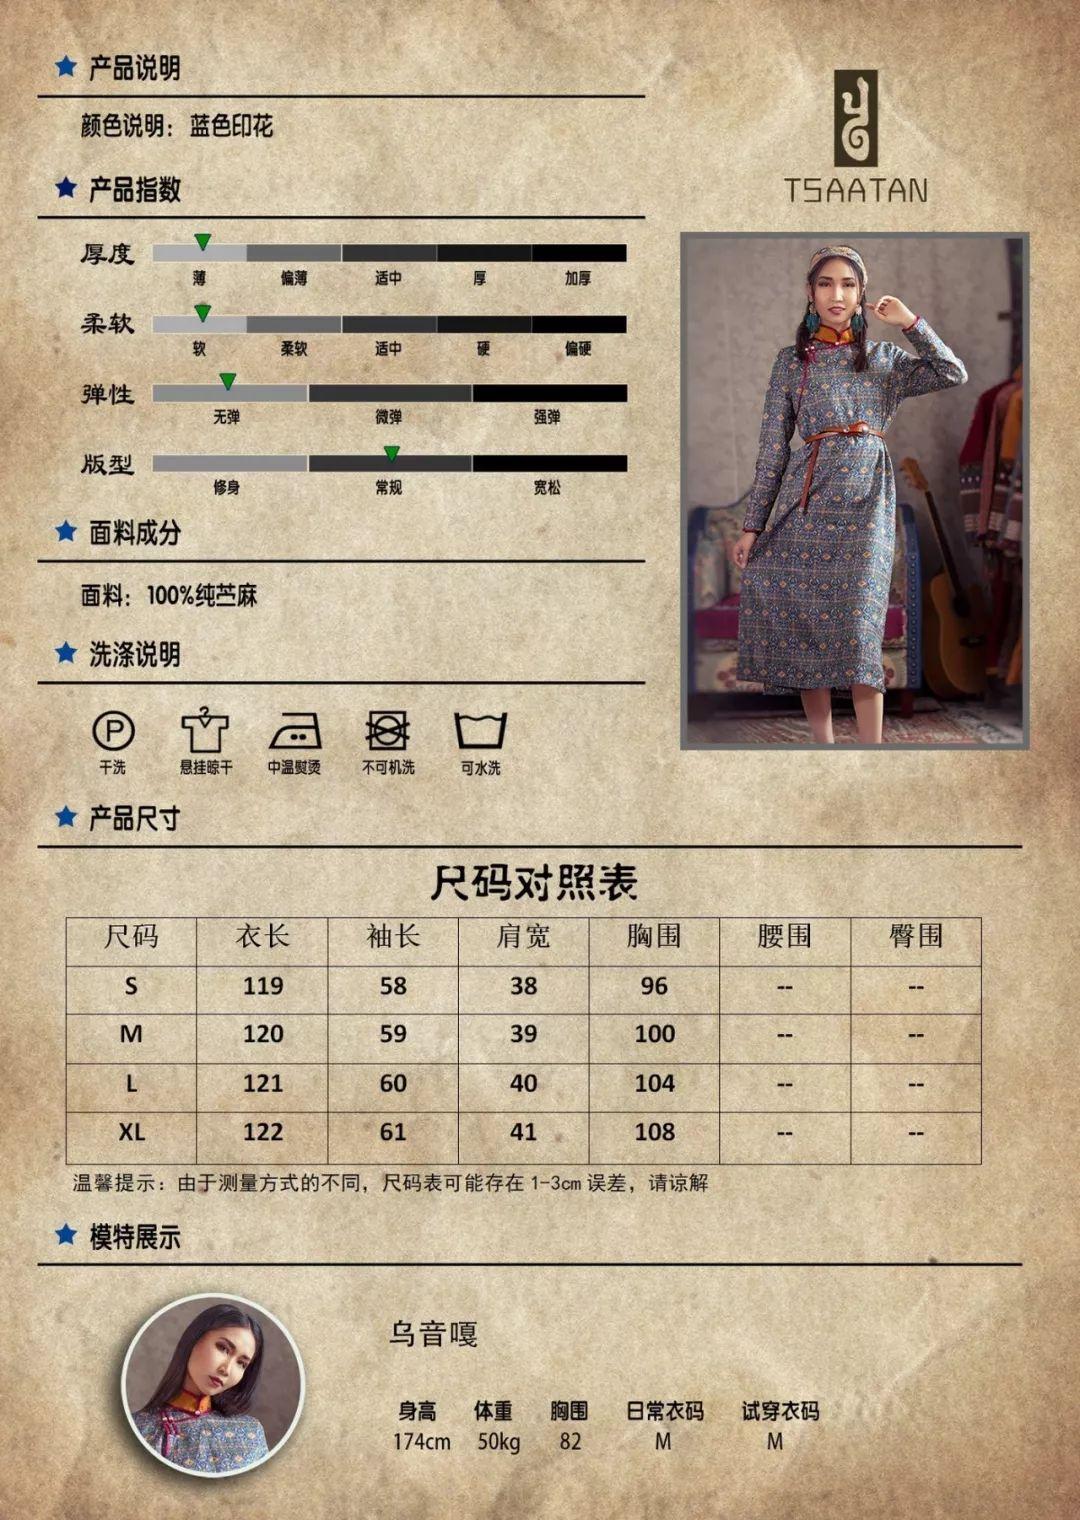 TSAATAN蒙古时装 2019新款,来自驯鹿人的独特魅力! 第31张